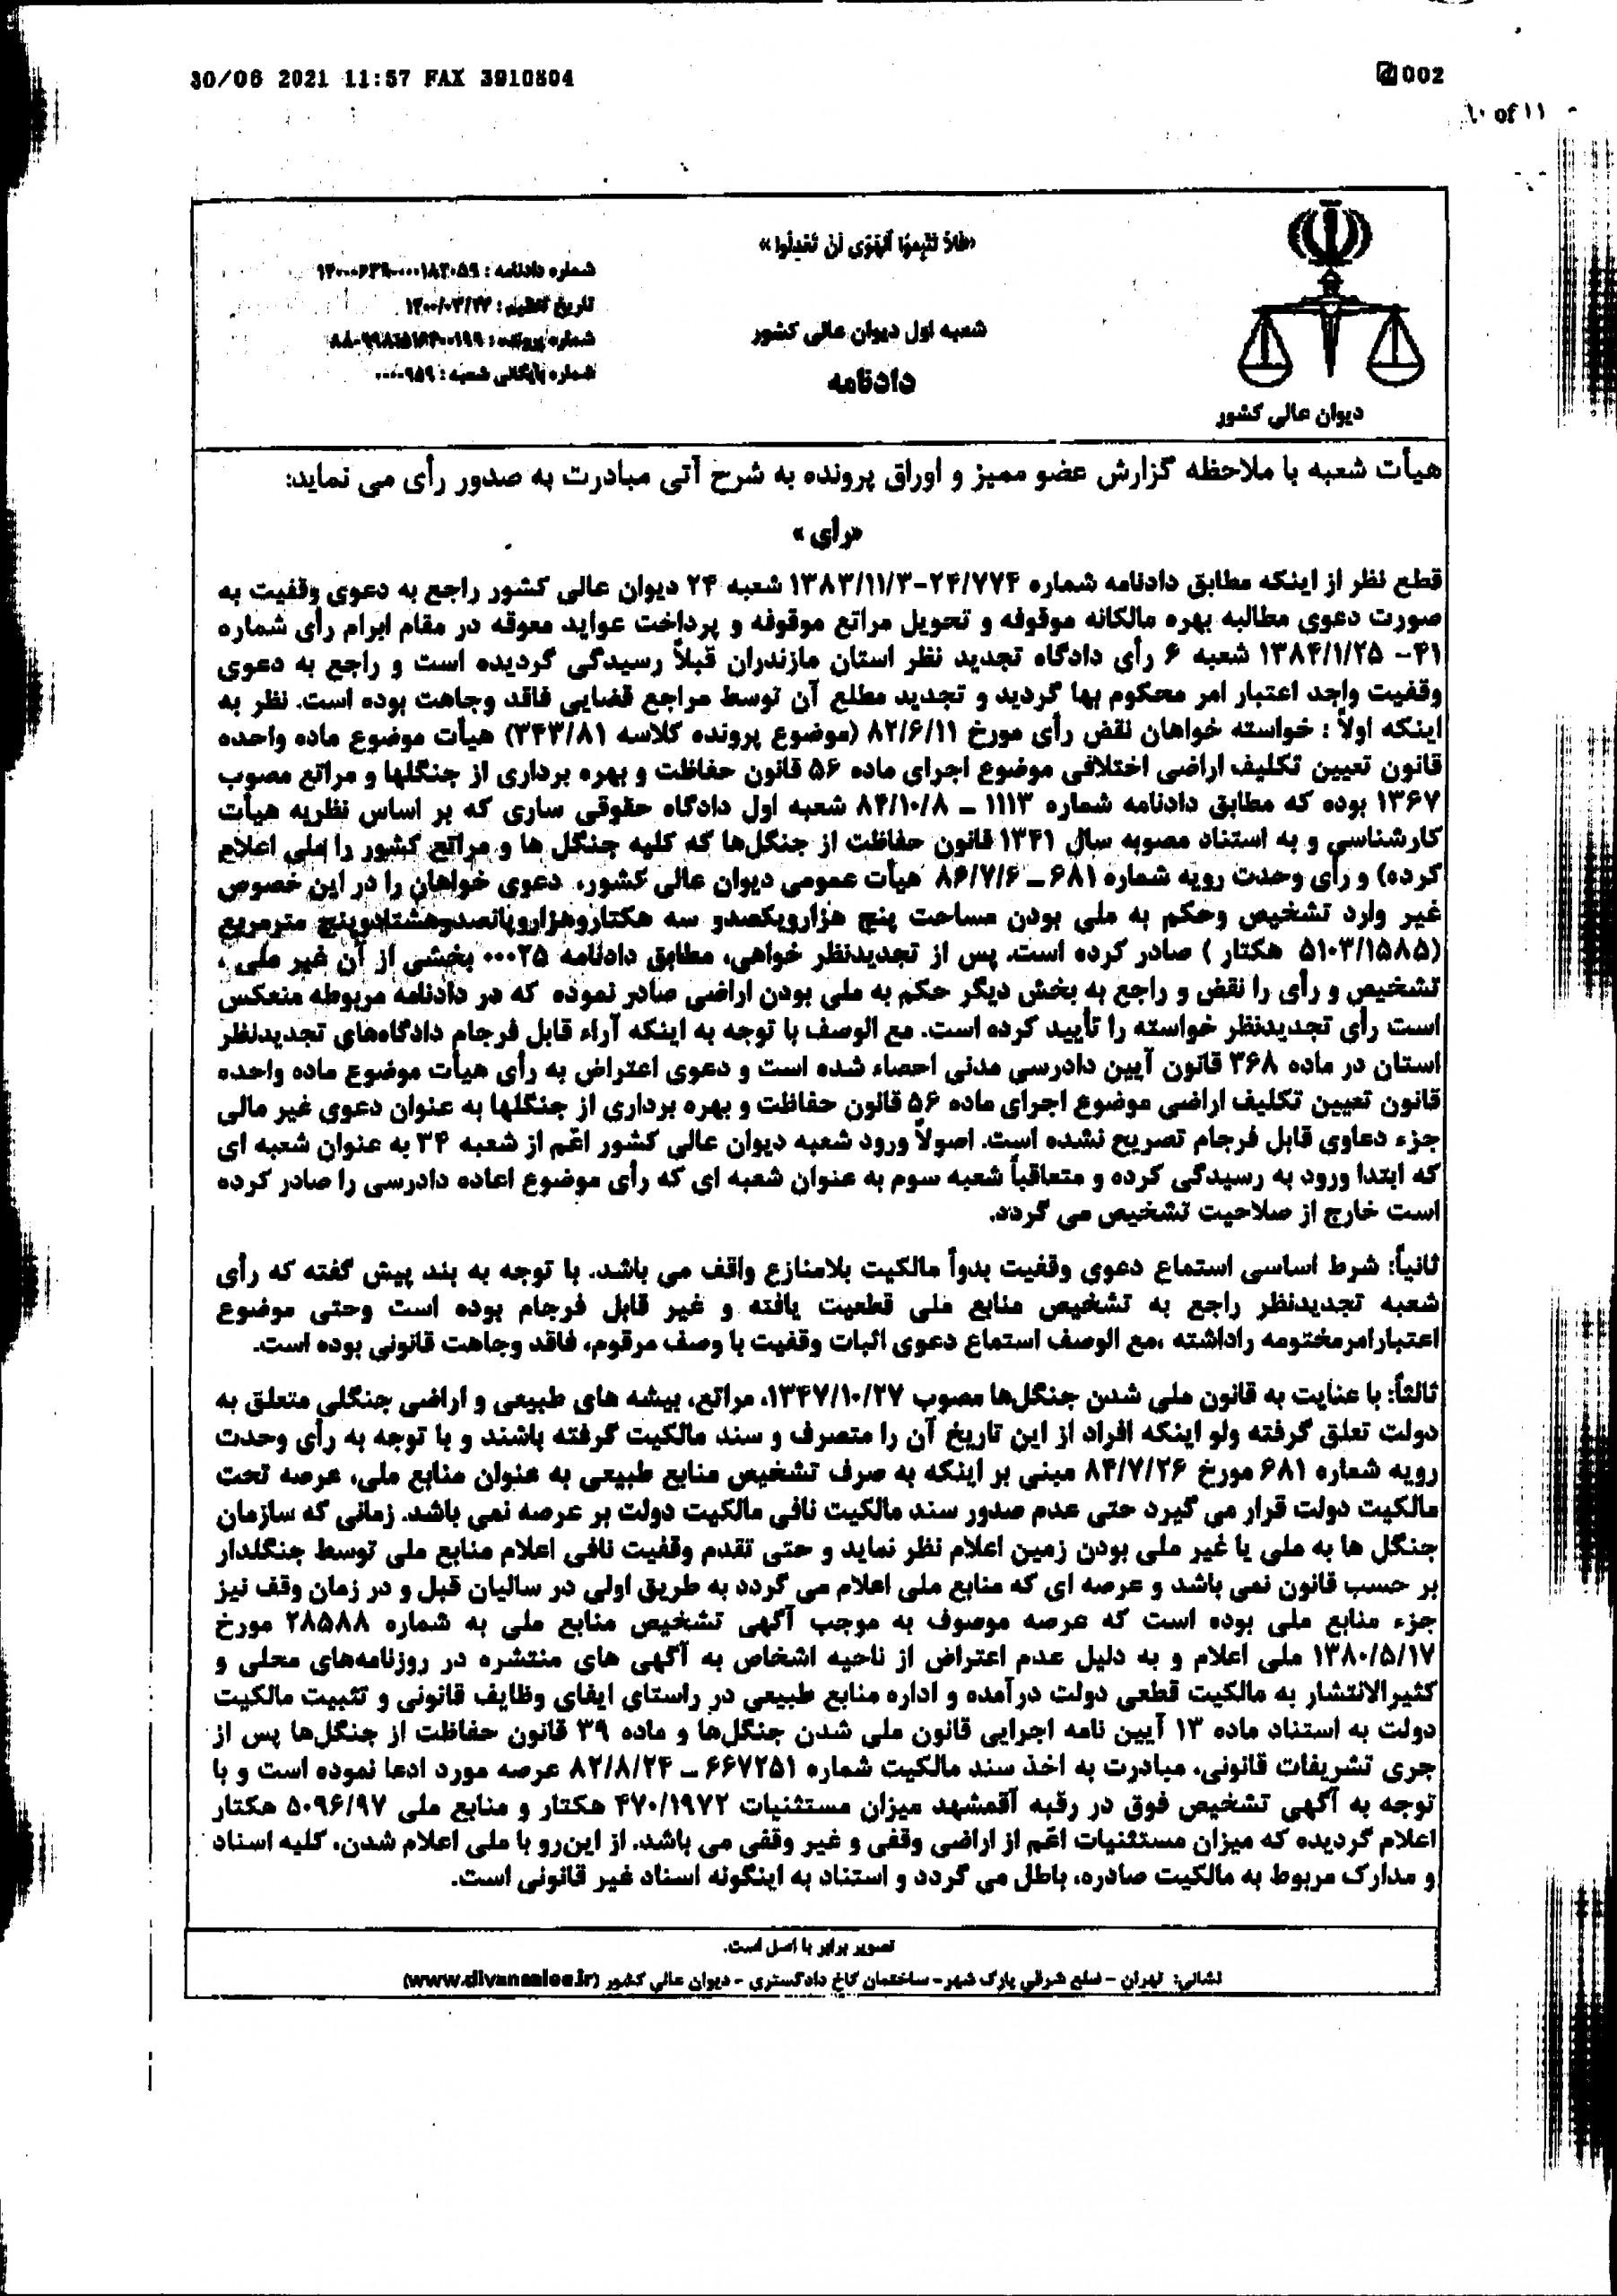 رأی شعبه یک دیوان عالی کشور درخصوص پرونده جنگل آق مشهد ۱۰